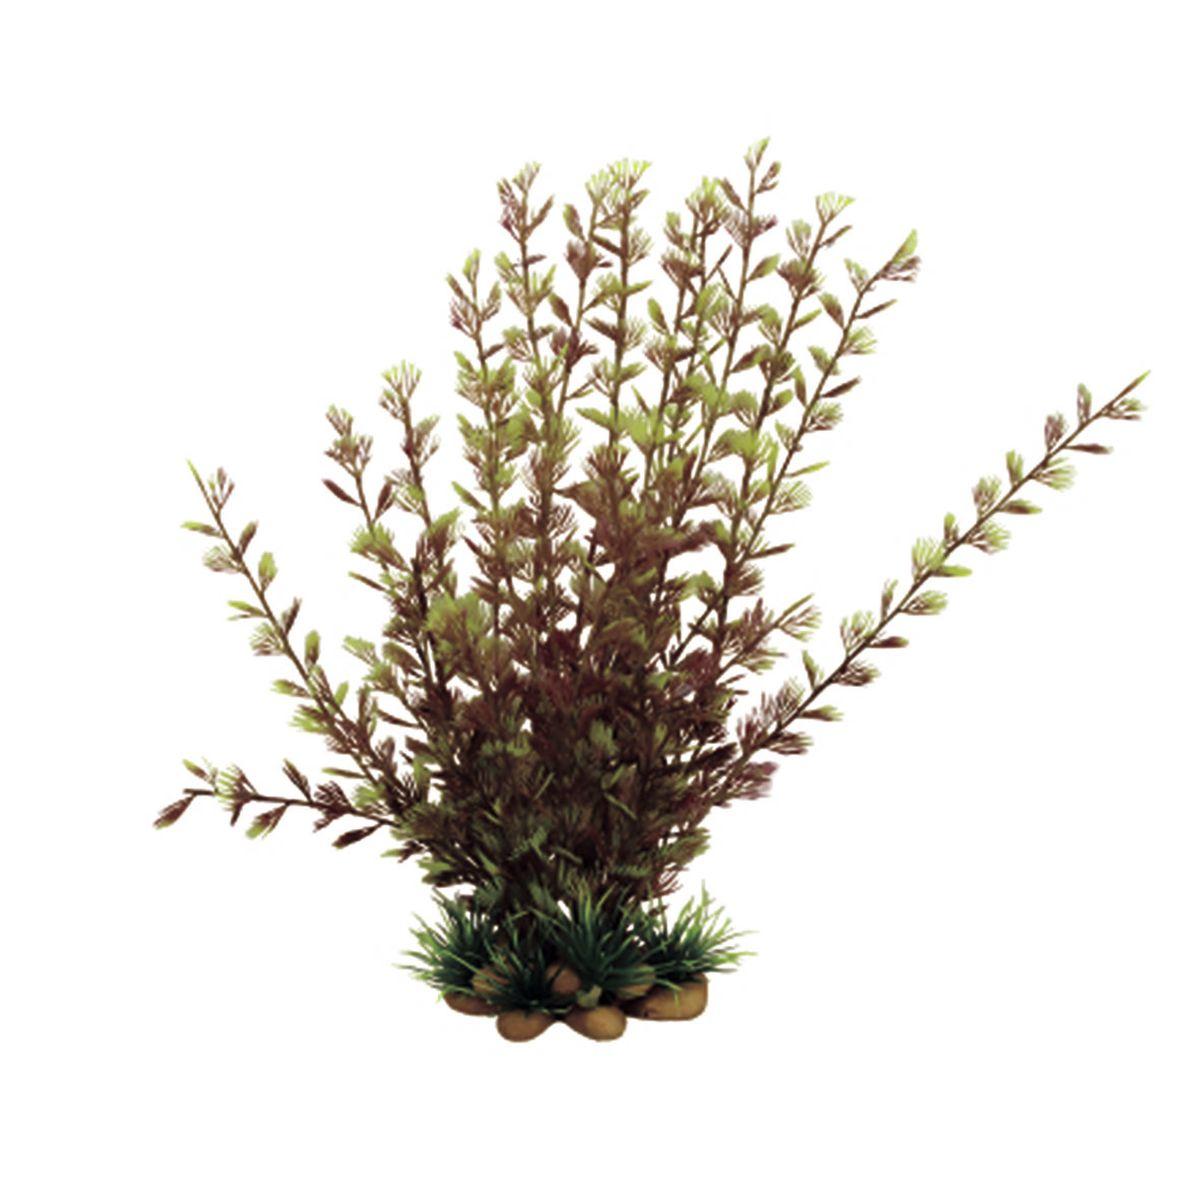 Растение для аквариума ArtUniq Кабомба вильчатая красная, высота 20 см. ART-11605200120710Композиция из искусственных растений ArtUniq превосходно украсит и оживит аквариум.Растения - это важная часть любой композиции, они помогут вдохнуть жизнь в ландшафт любого аквариума или террариума. Лучше всего это сделают яркие и сочные цвета искусственных растений серии ArtPlants. А их сходствос природными порадует даже самых взыскательных ценителей.